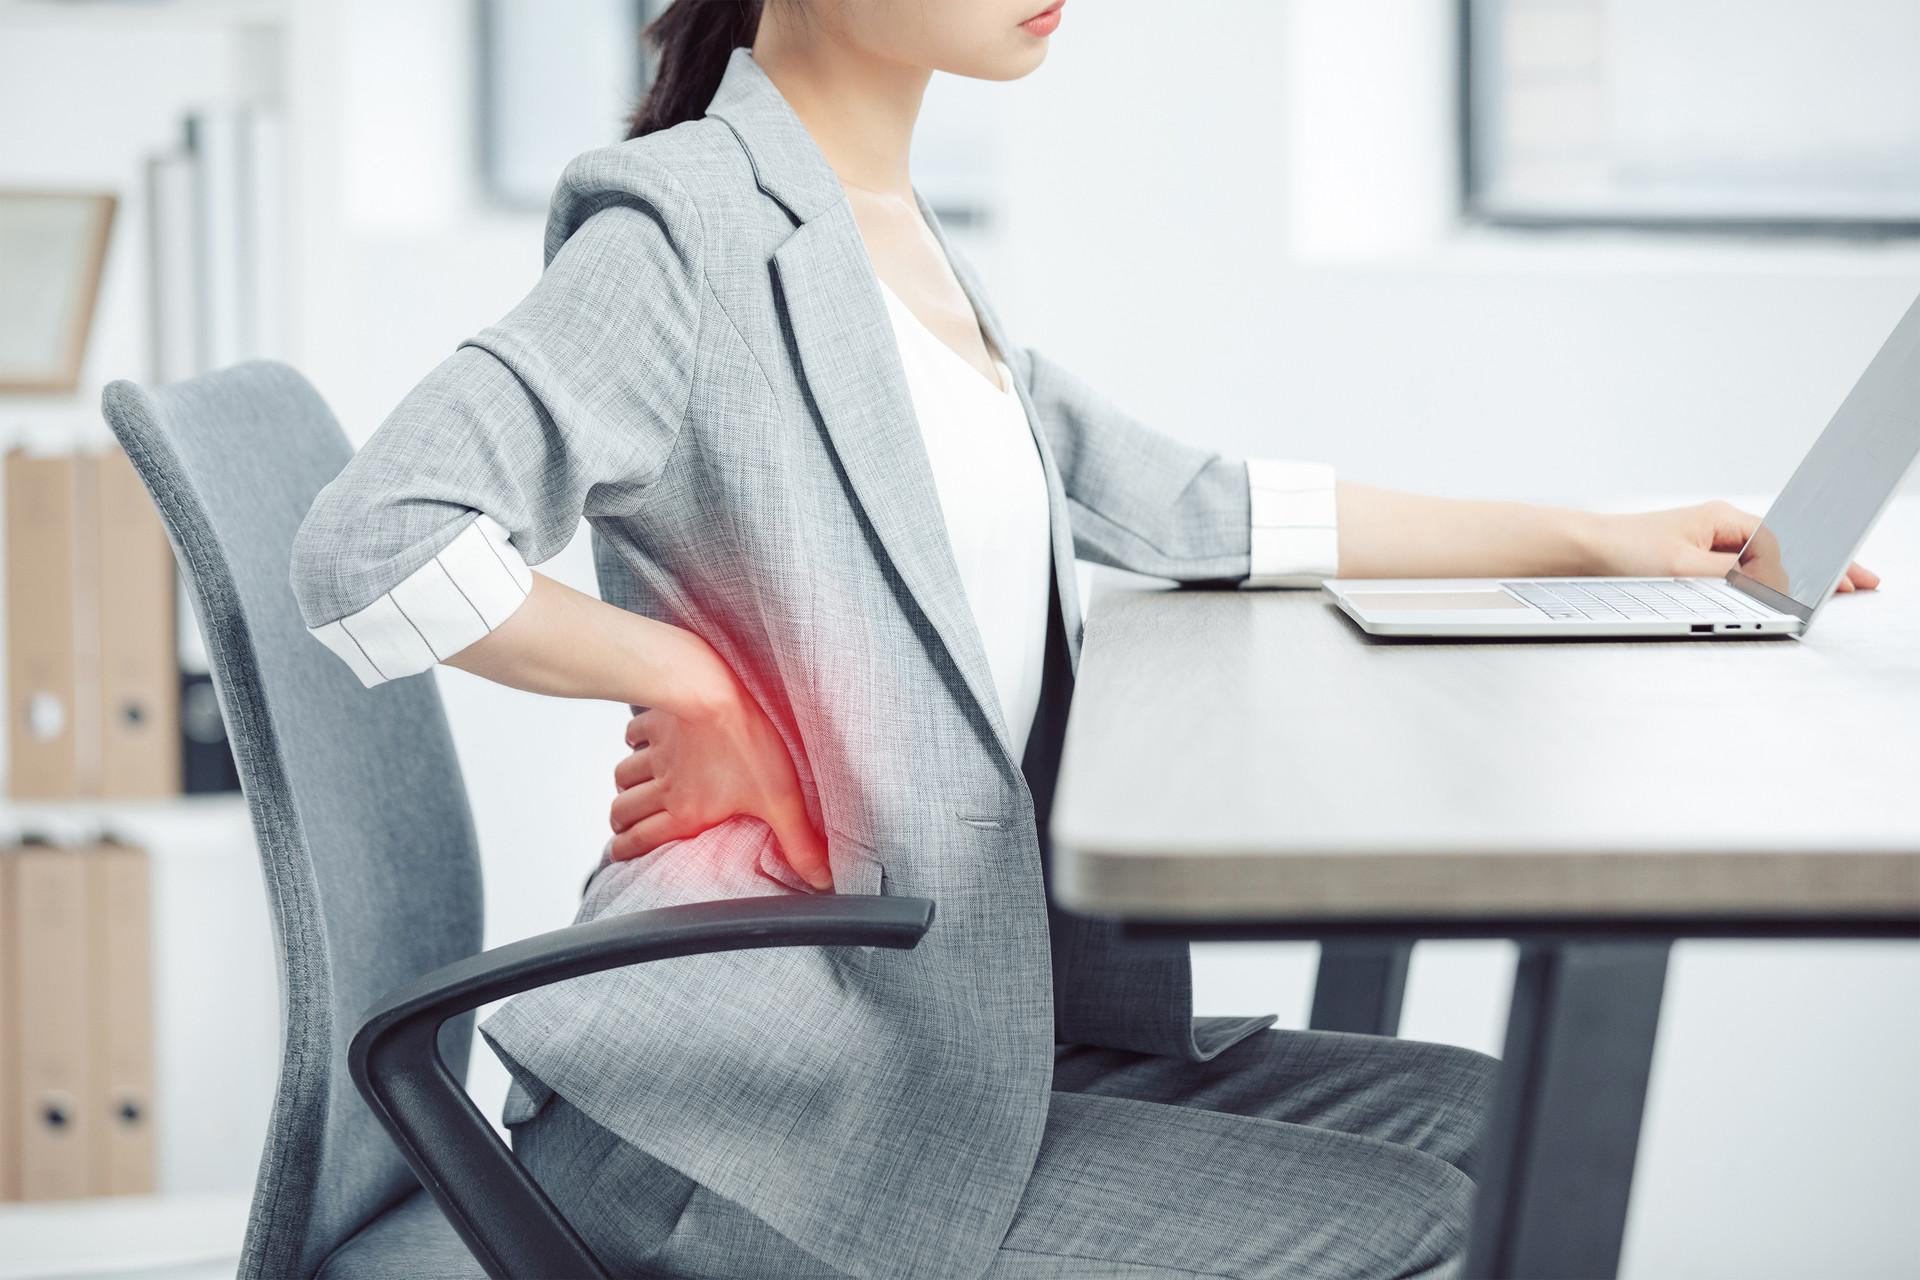 倒着走路能治腰椎间盘突出?专家解答如何保护脊椎